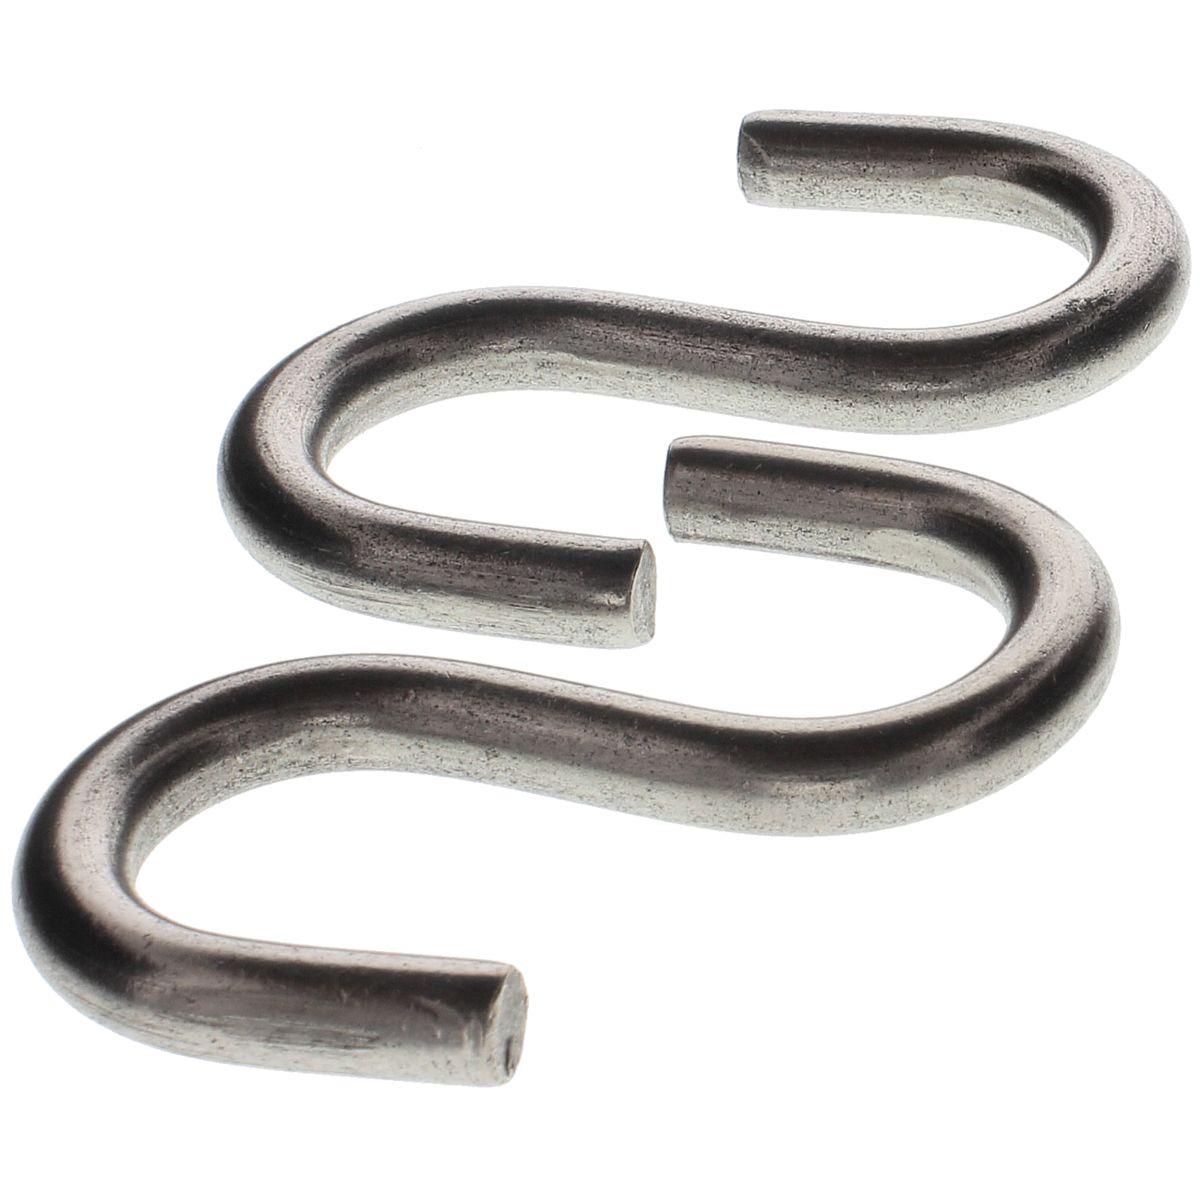 """.177 x 2-1/8"""" x 3/4"""" S-Hooks — 18-8 Stainless Steel, 50/PKG"""